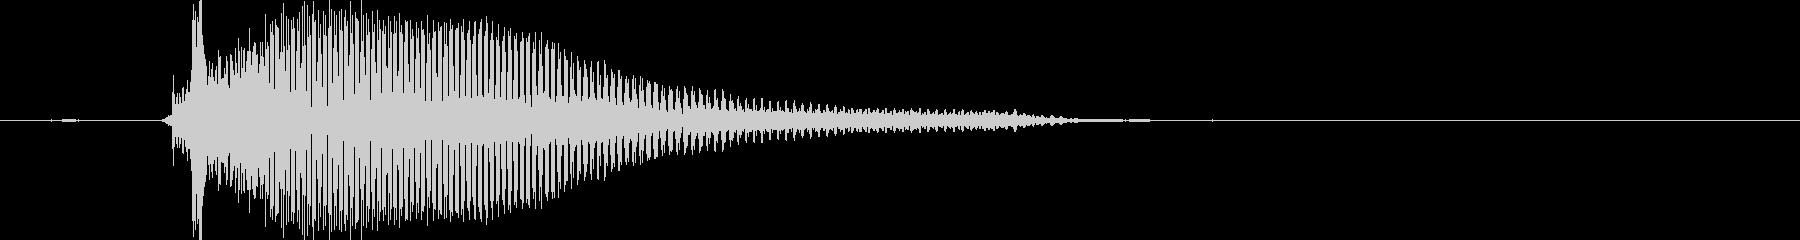 ちゅー(1歳児の生声です)の未再生の波形